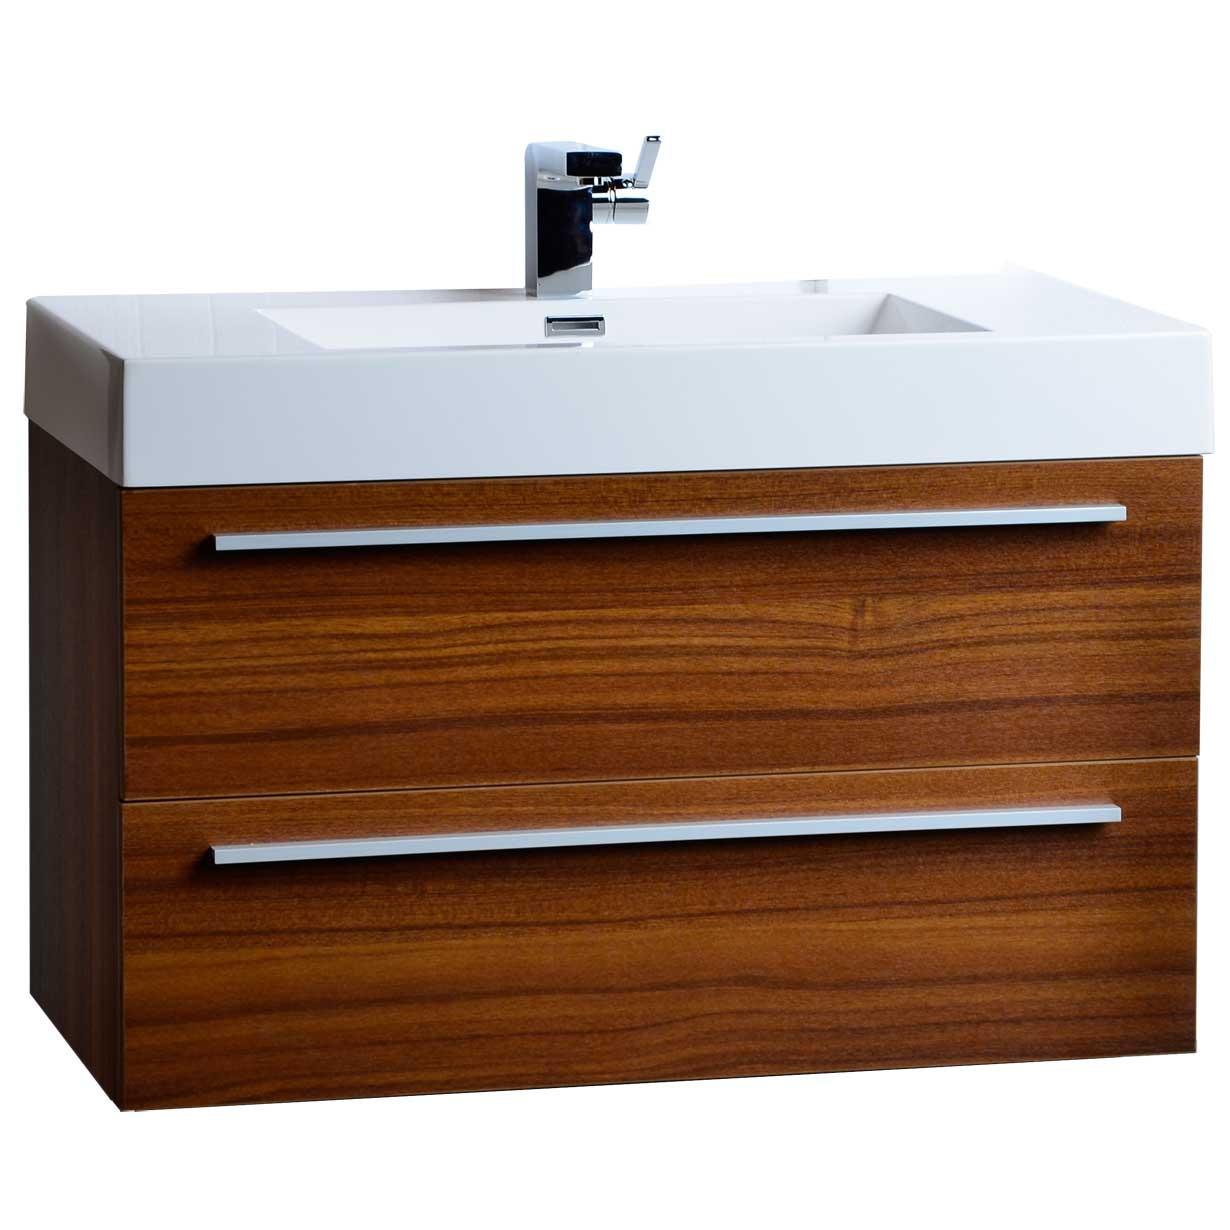 355 WallMount Contemporary Bathroom Vanity Teak TNM900TK  Conceptbathscom